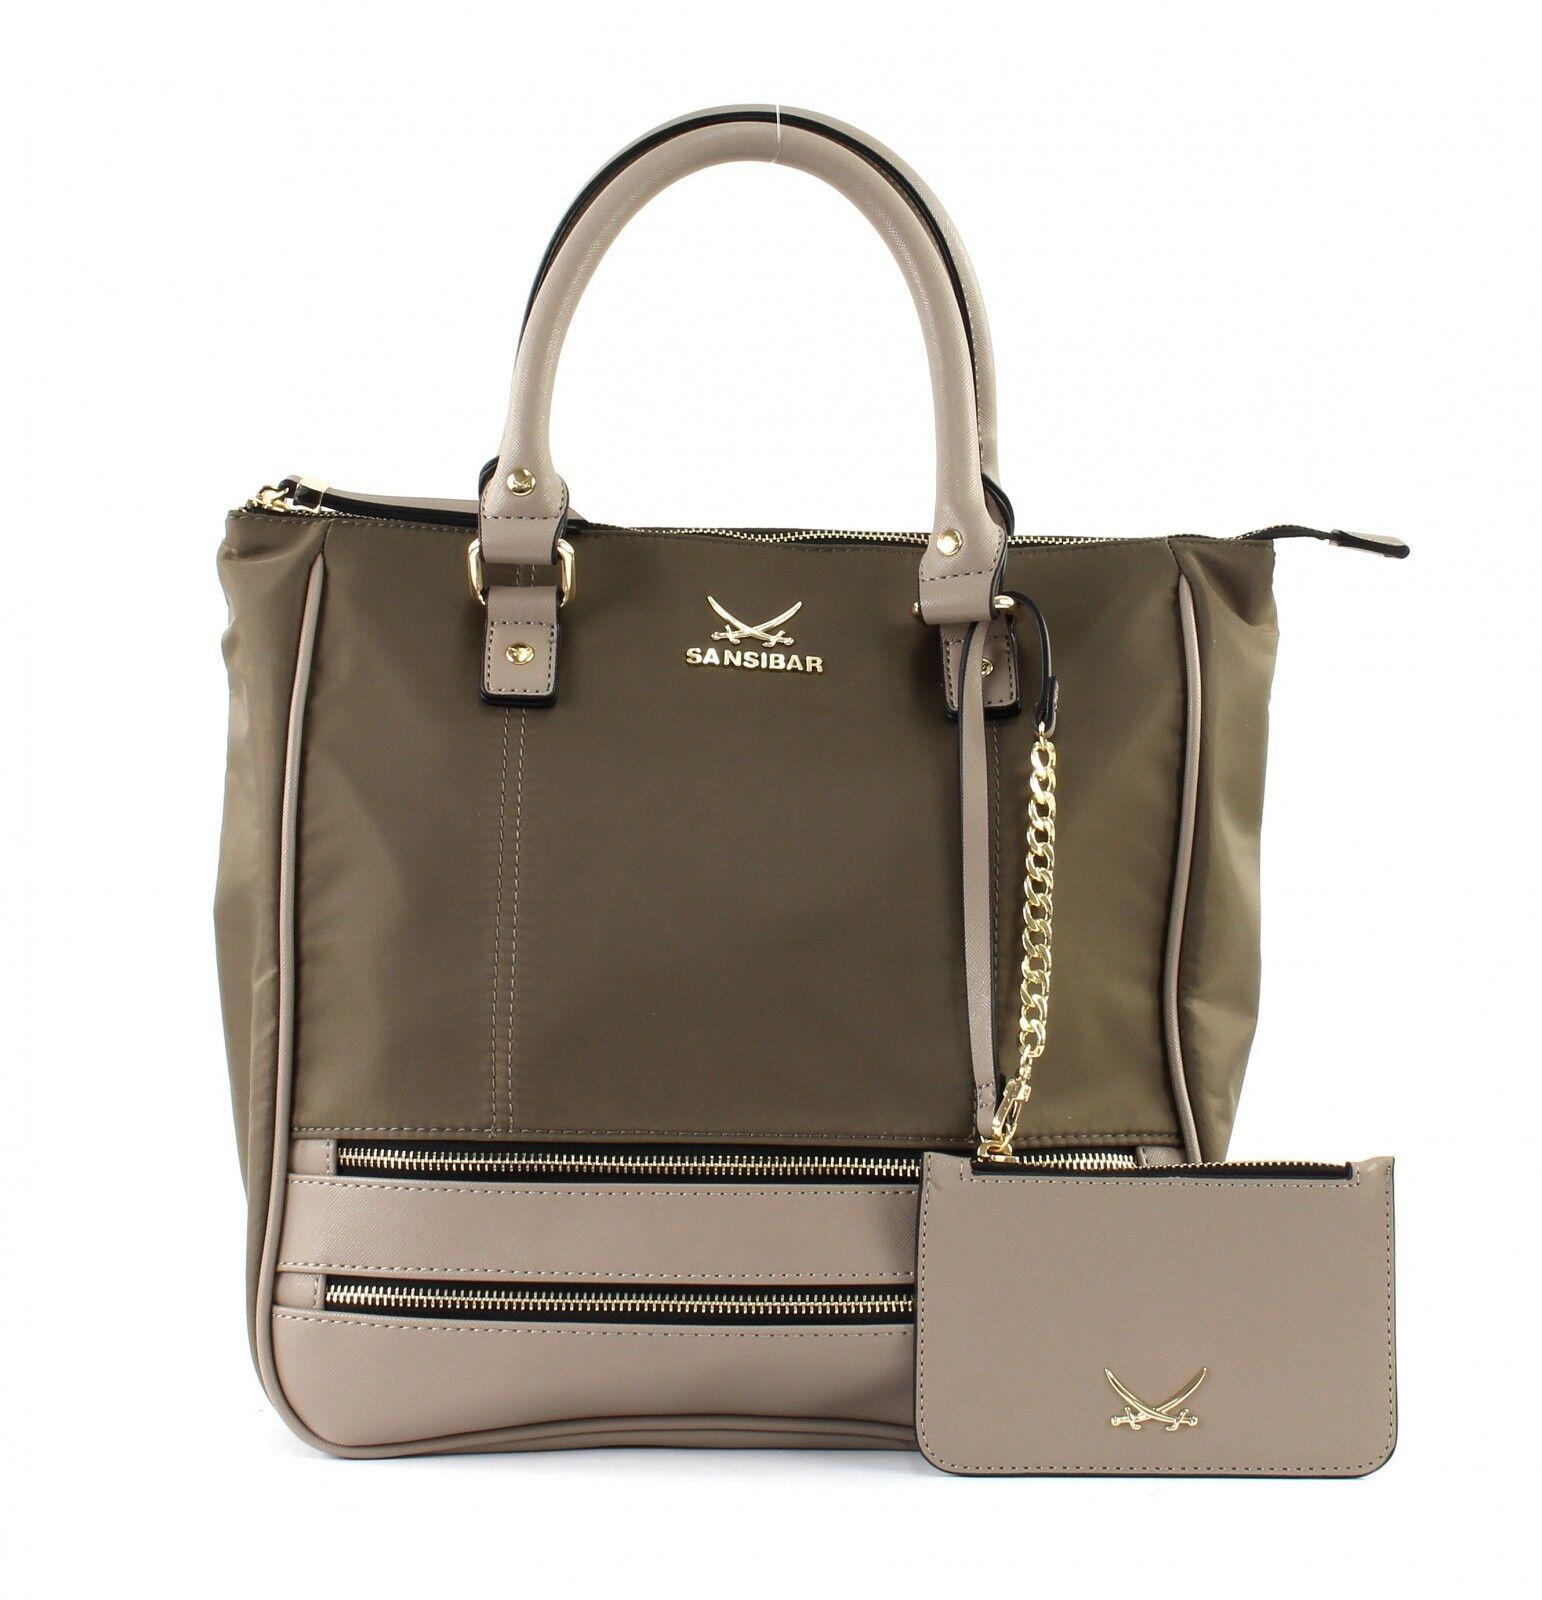 Sansibar Shopper Bag Handtasche Handtasche Handtasche Umhängetasche Schultertasche Tasche Sand Neu   Queensland    Bestellungen Sind Willkommen    Zu einem erschwinglichen Preis  d3452a